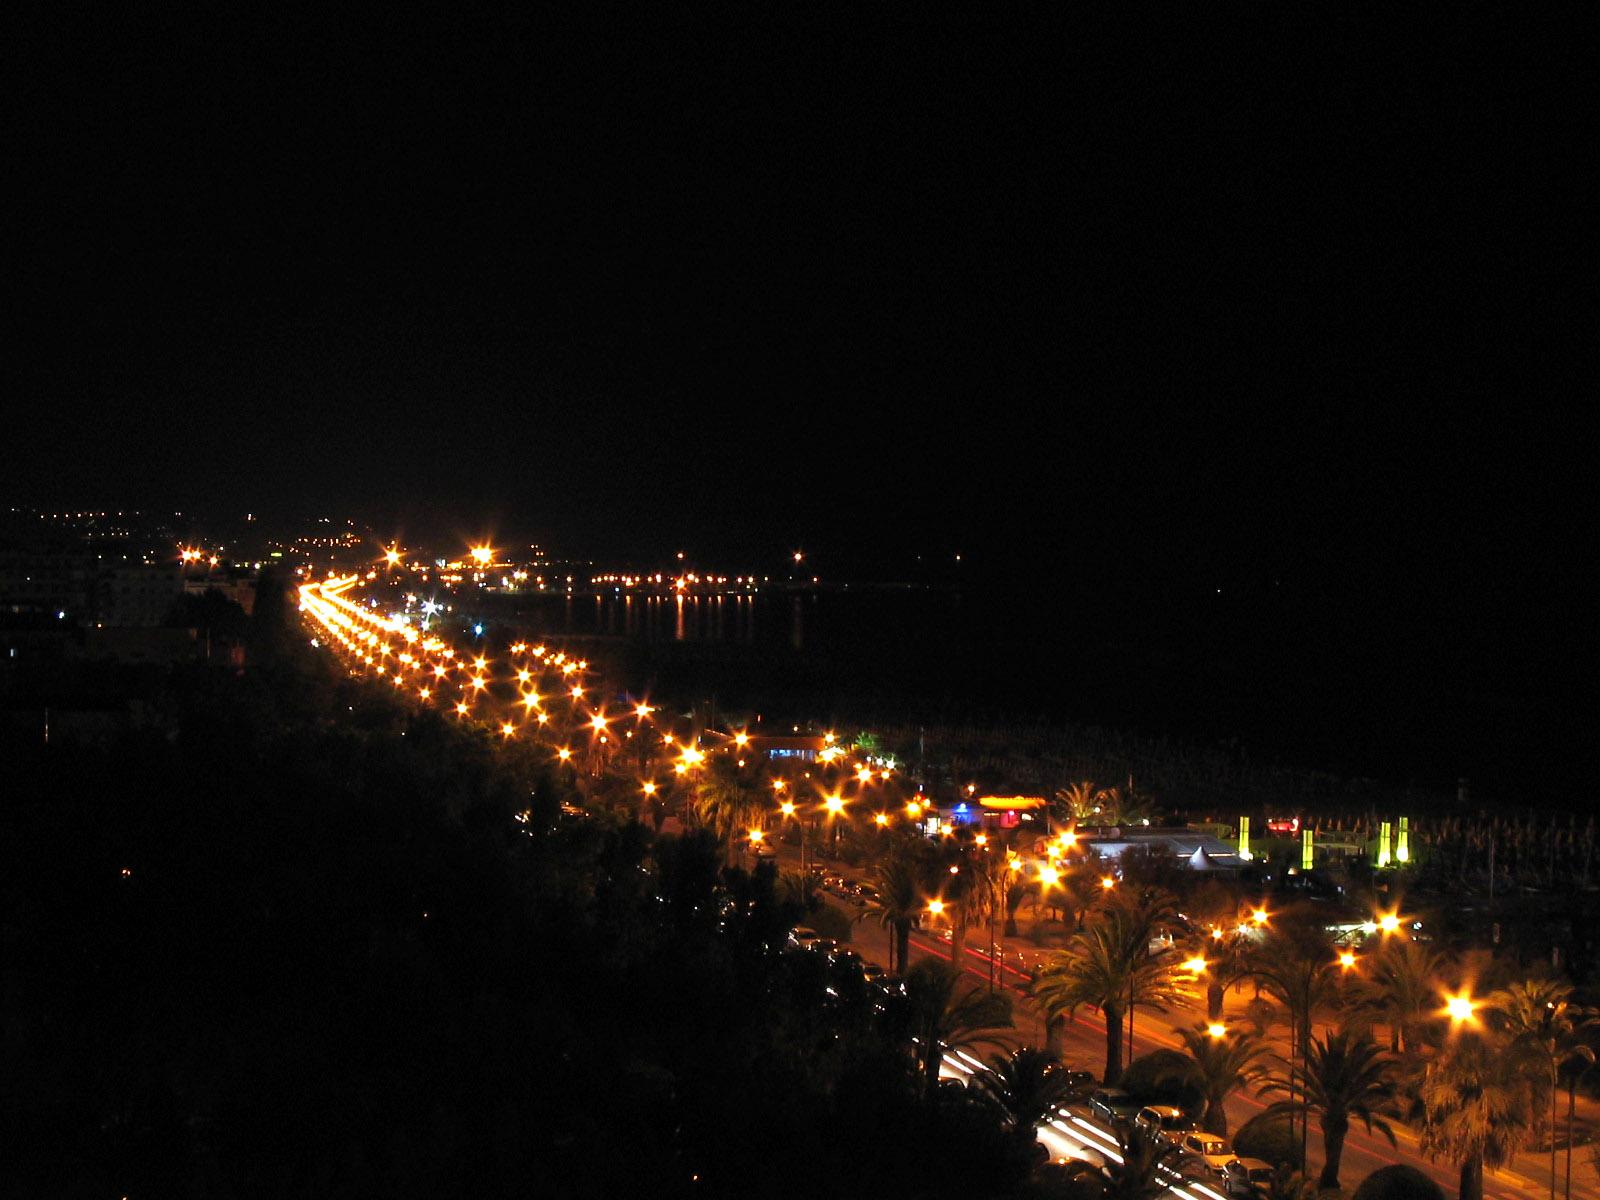 San Benedetto di notte